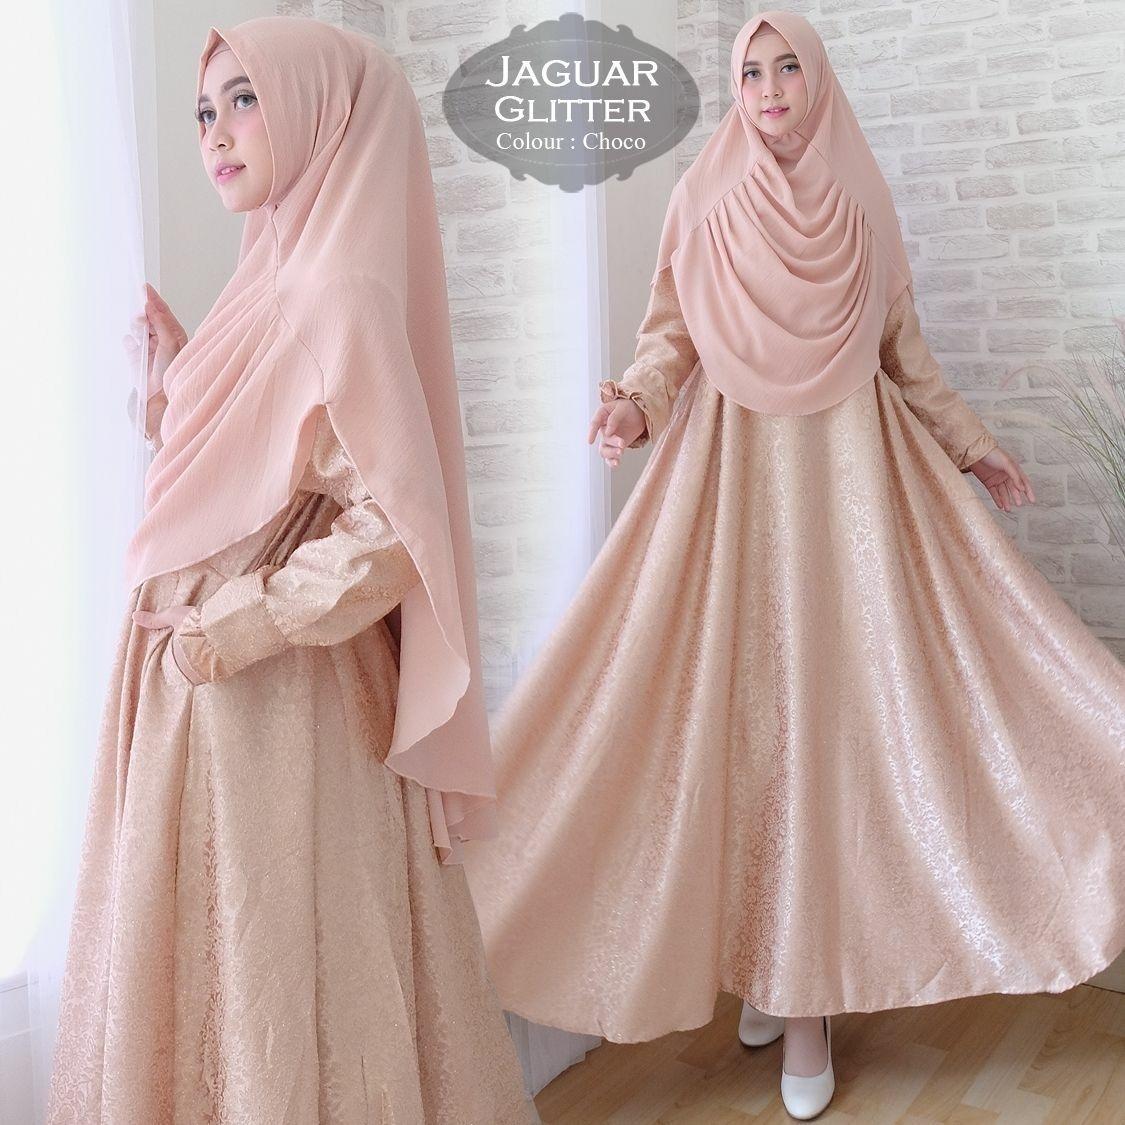 Baju Gamis Muslim Syari Fashionable - Gamis Jaguar Glitter Syari